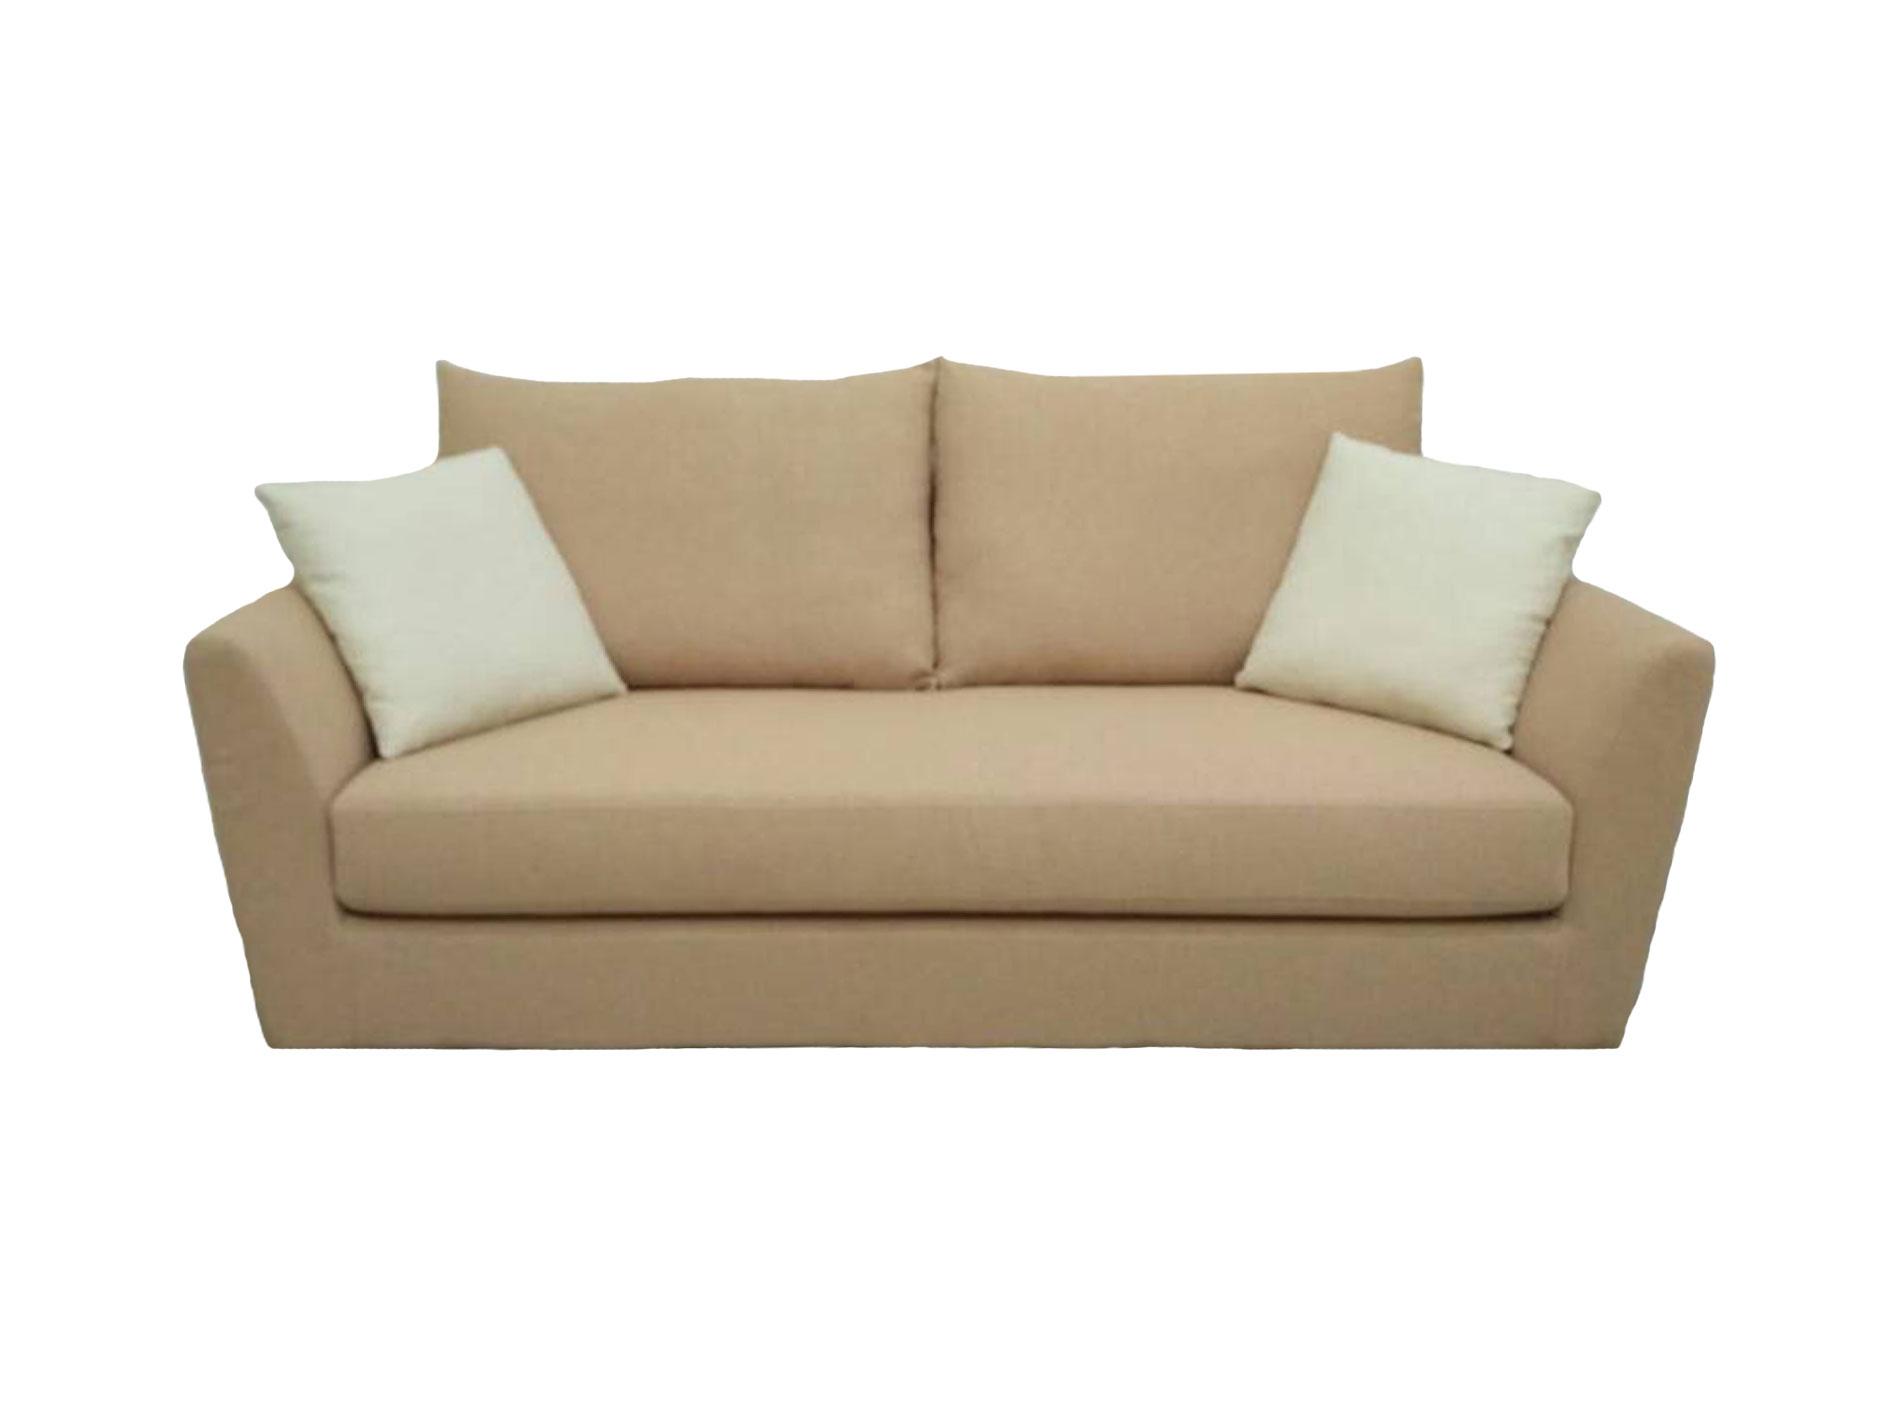 Valerio Designer Italian Fabric Sofa – Buona – 3 Seater fabric sofa (2.0M)